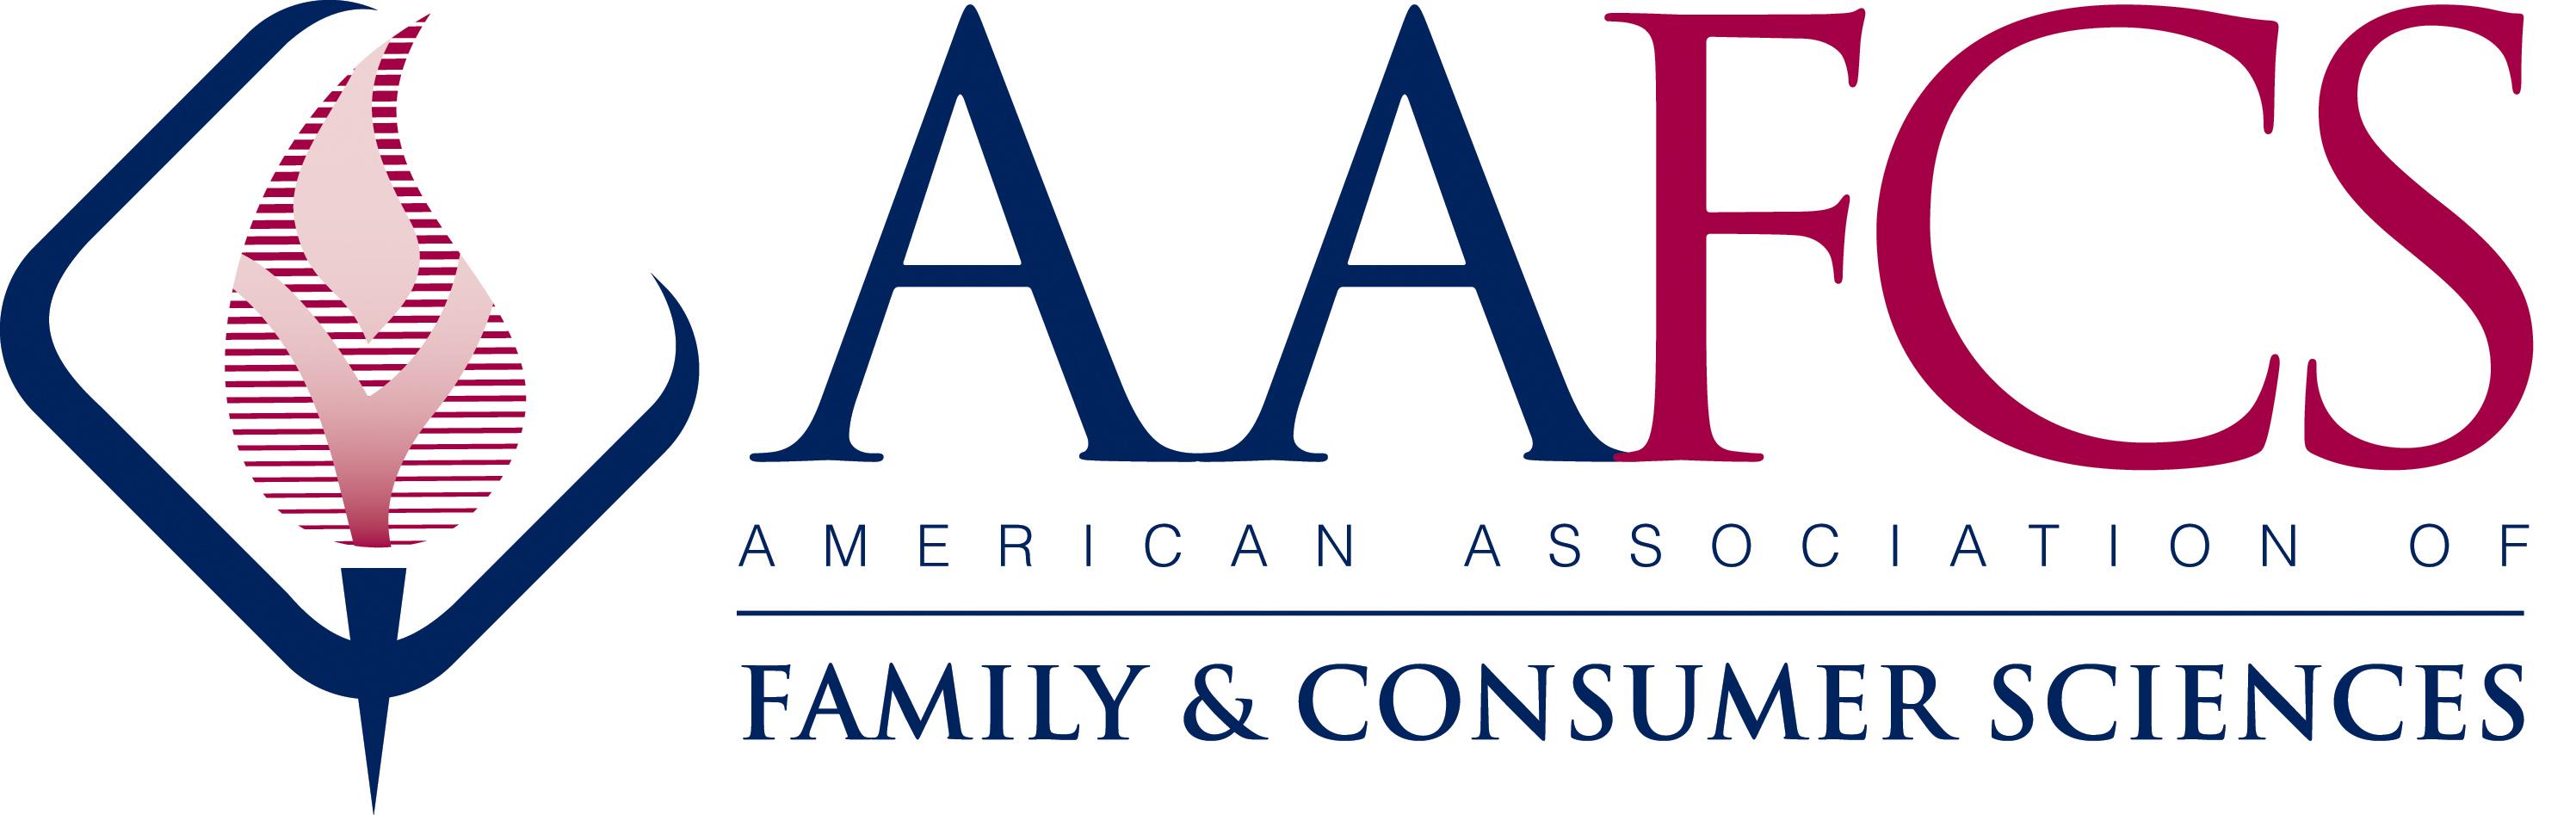 aafcs_logo.jpg